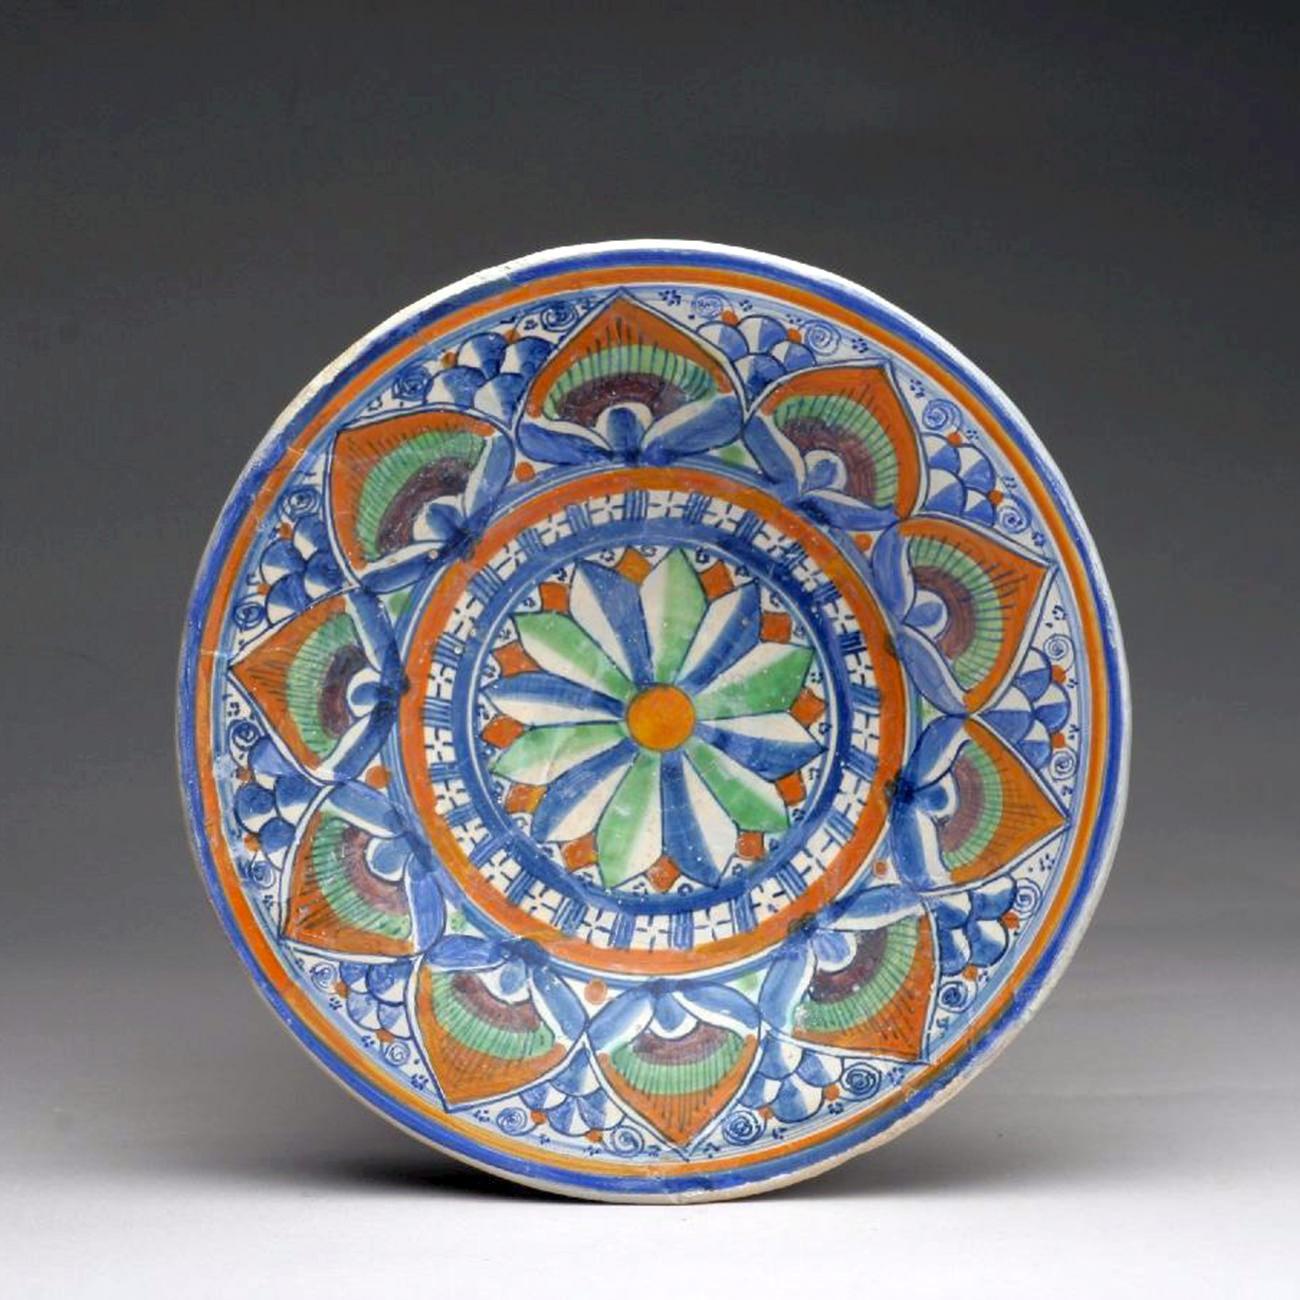 Piatto all'occhio della penna di pavone (1500-1510 circa; maiolica; Montelupo Fiorentino, Museo della Ceramica)